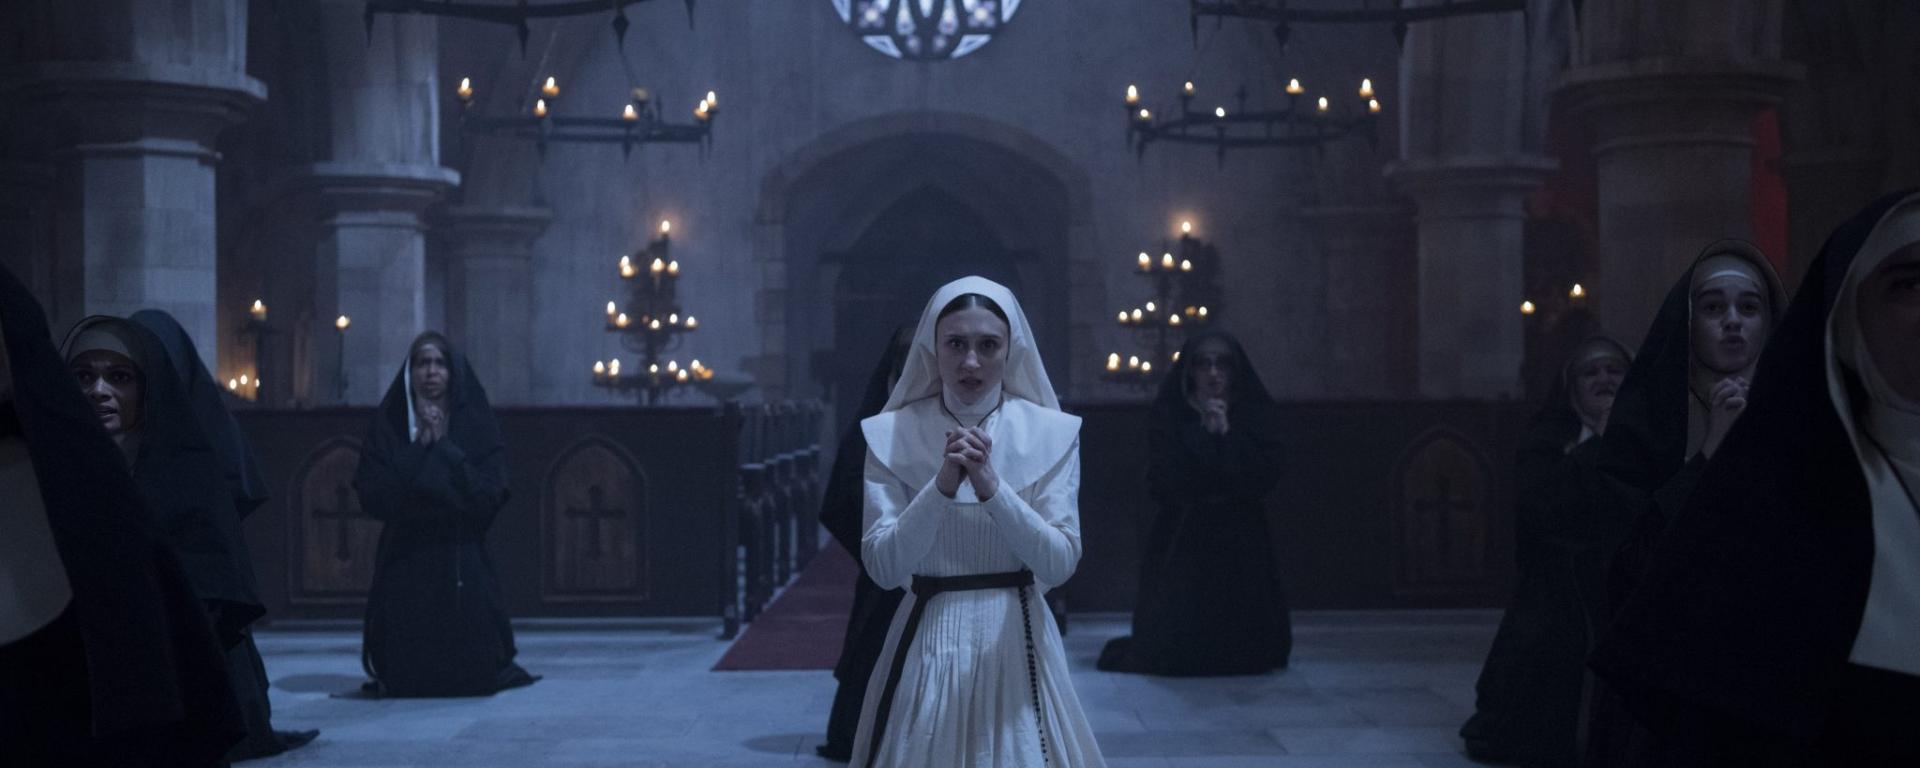 The Nun - La vocazione del male - CineFatti